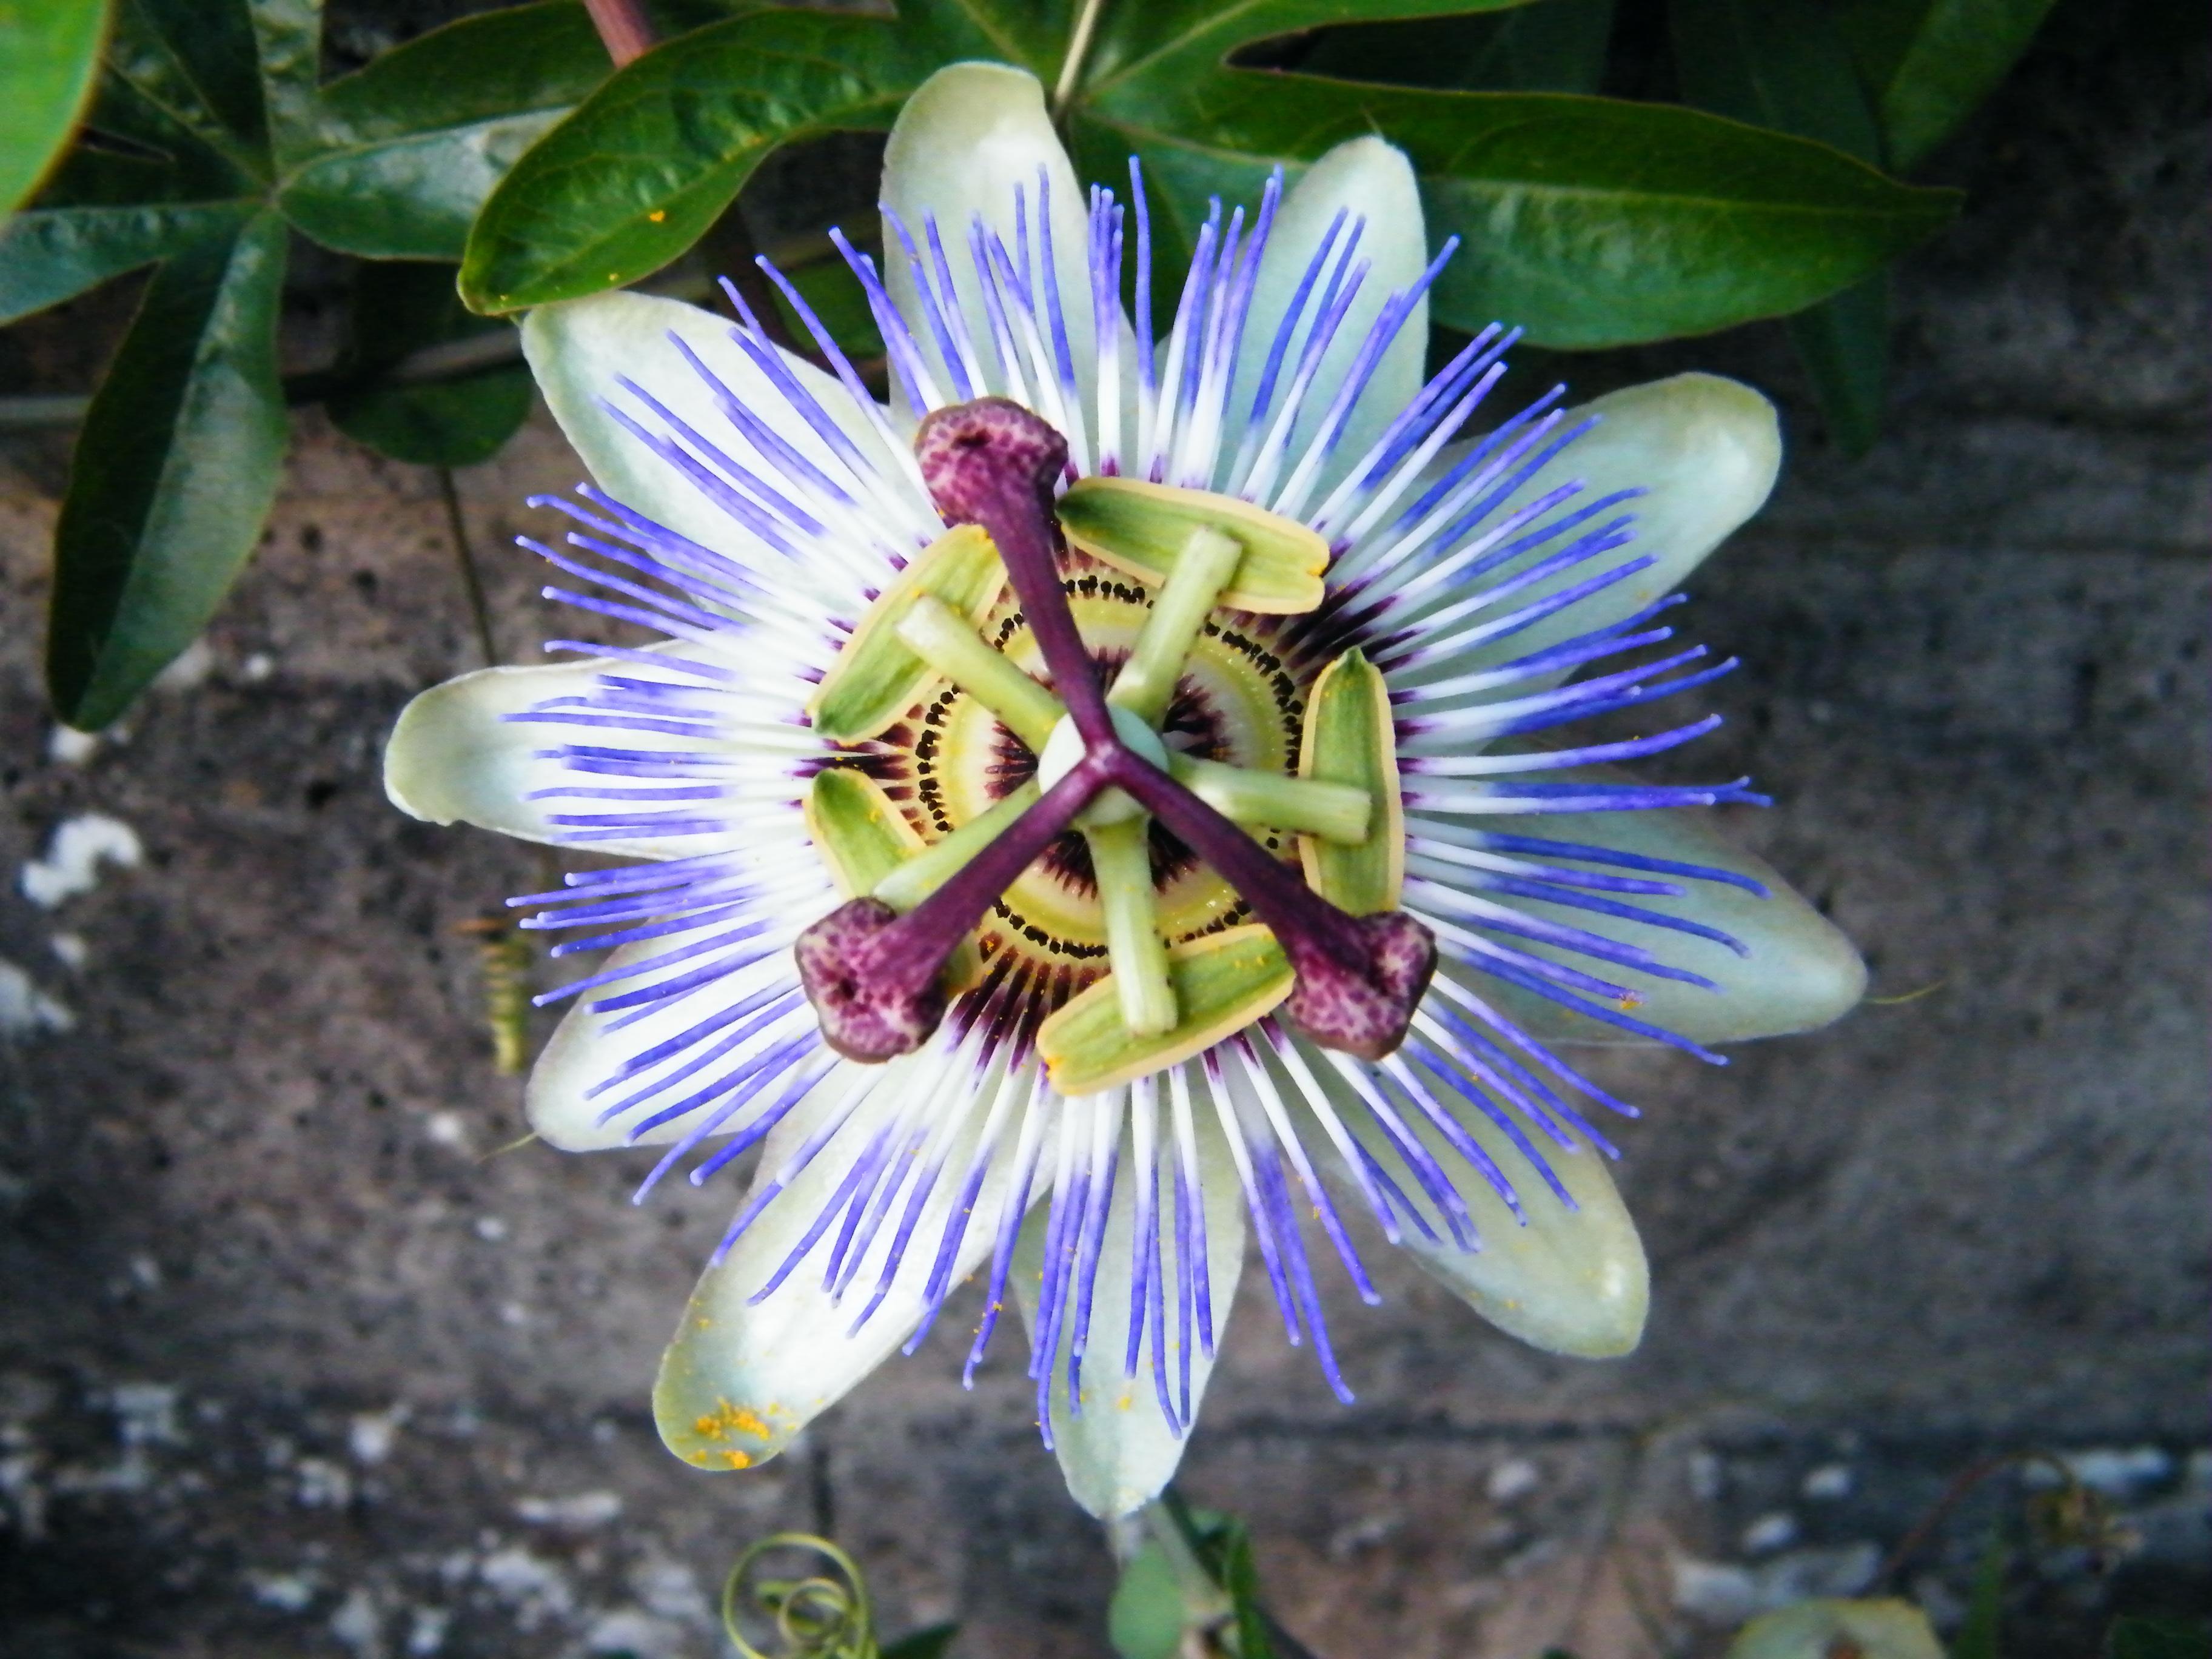 File:Fleur de jardin.JPG - Wikimedia Commons